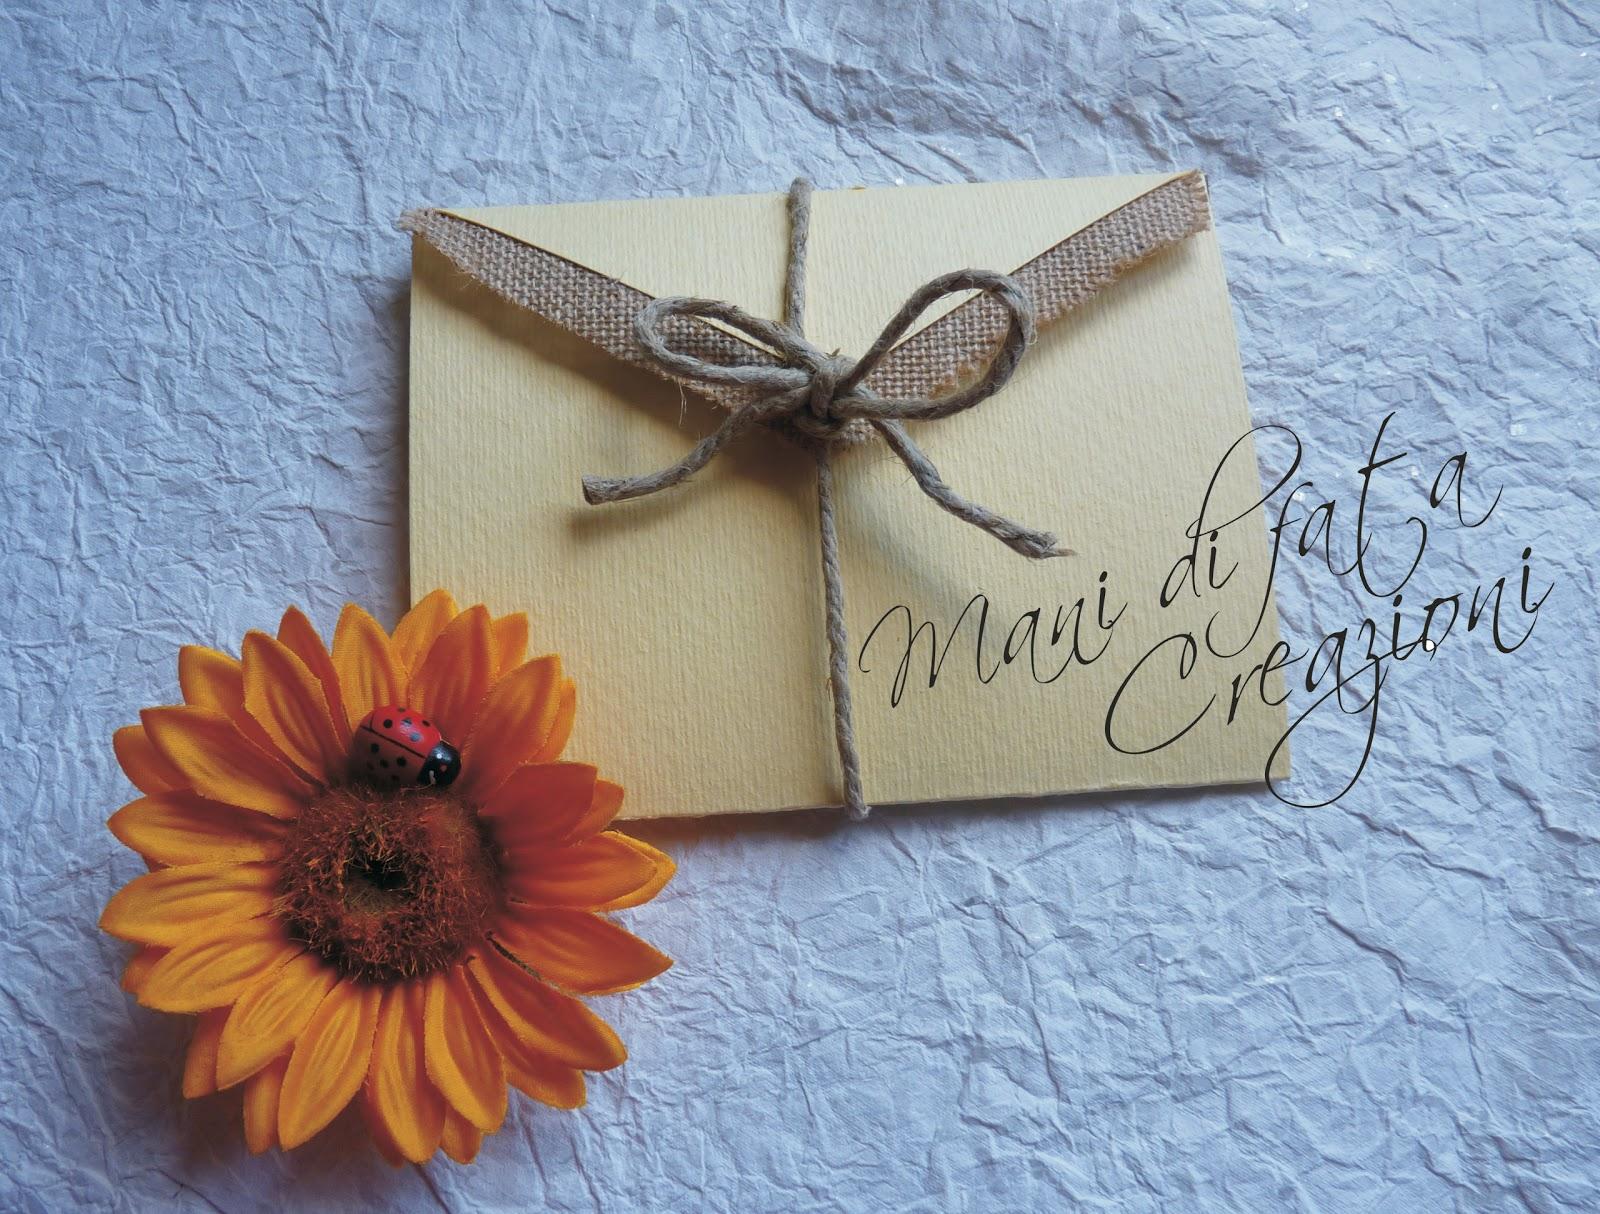 Partecipazione Matrimonio Girasoli : Mani di fata creazioni partecipazione per matrimonio rustica